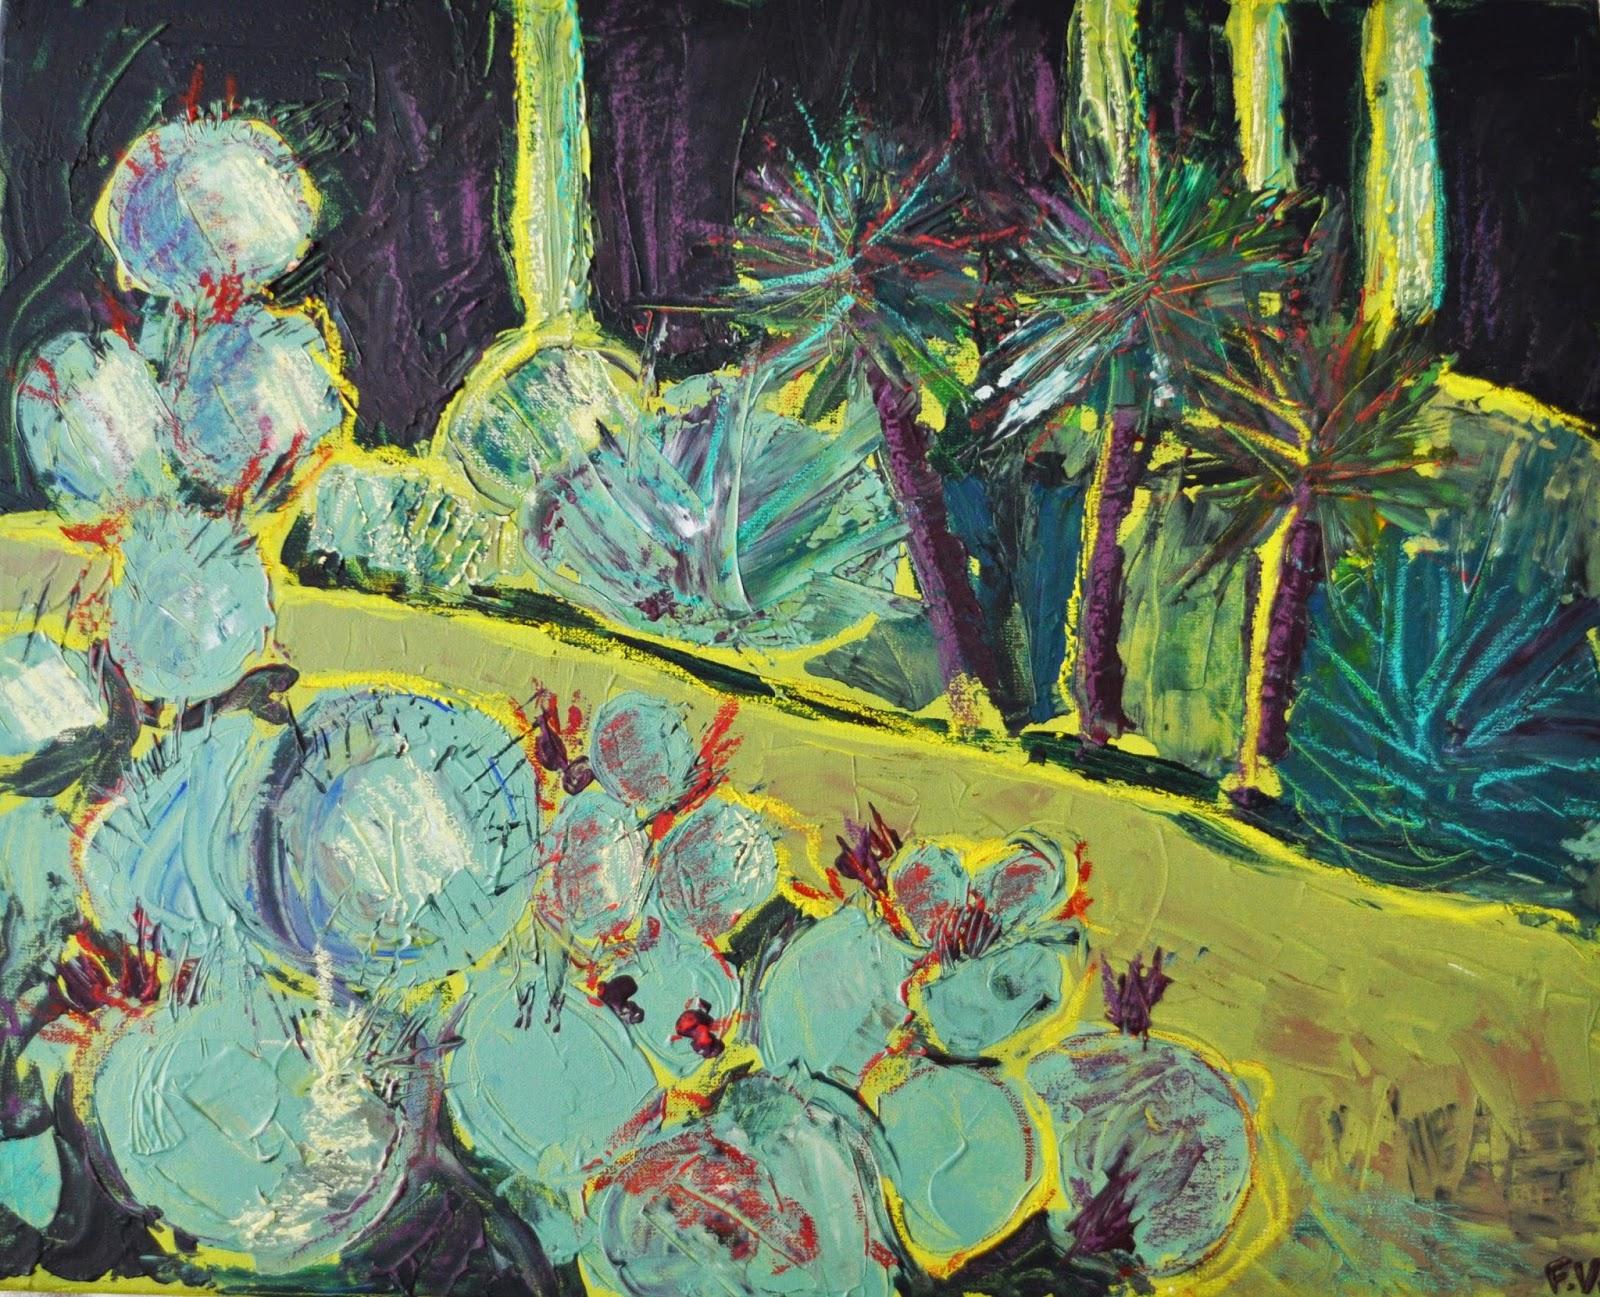 Techniques mixtes peinture acrylique et pastel gras sur toile for Peinture pastel gras